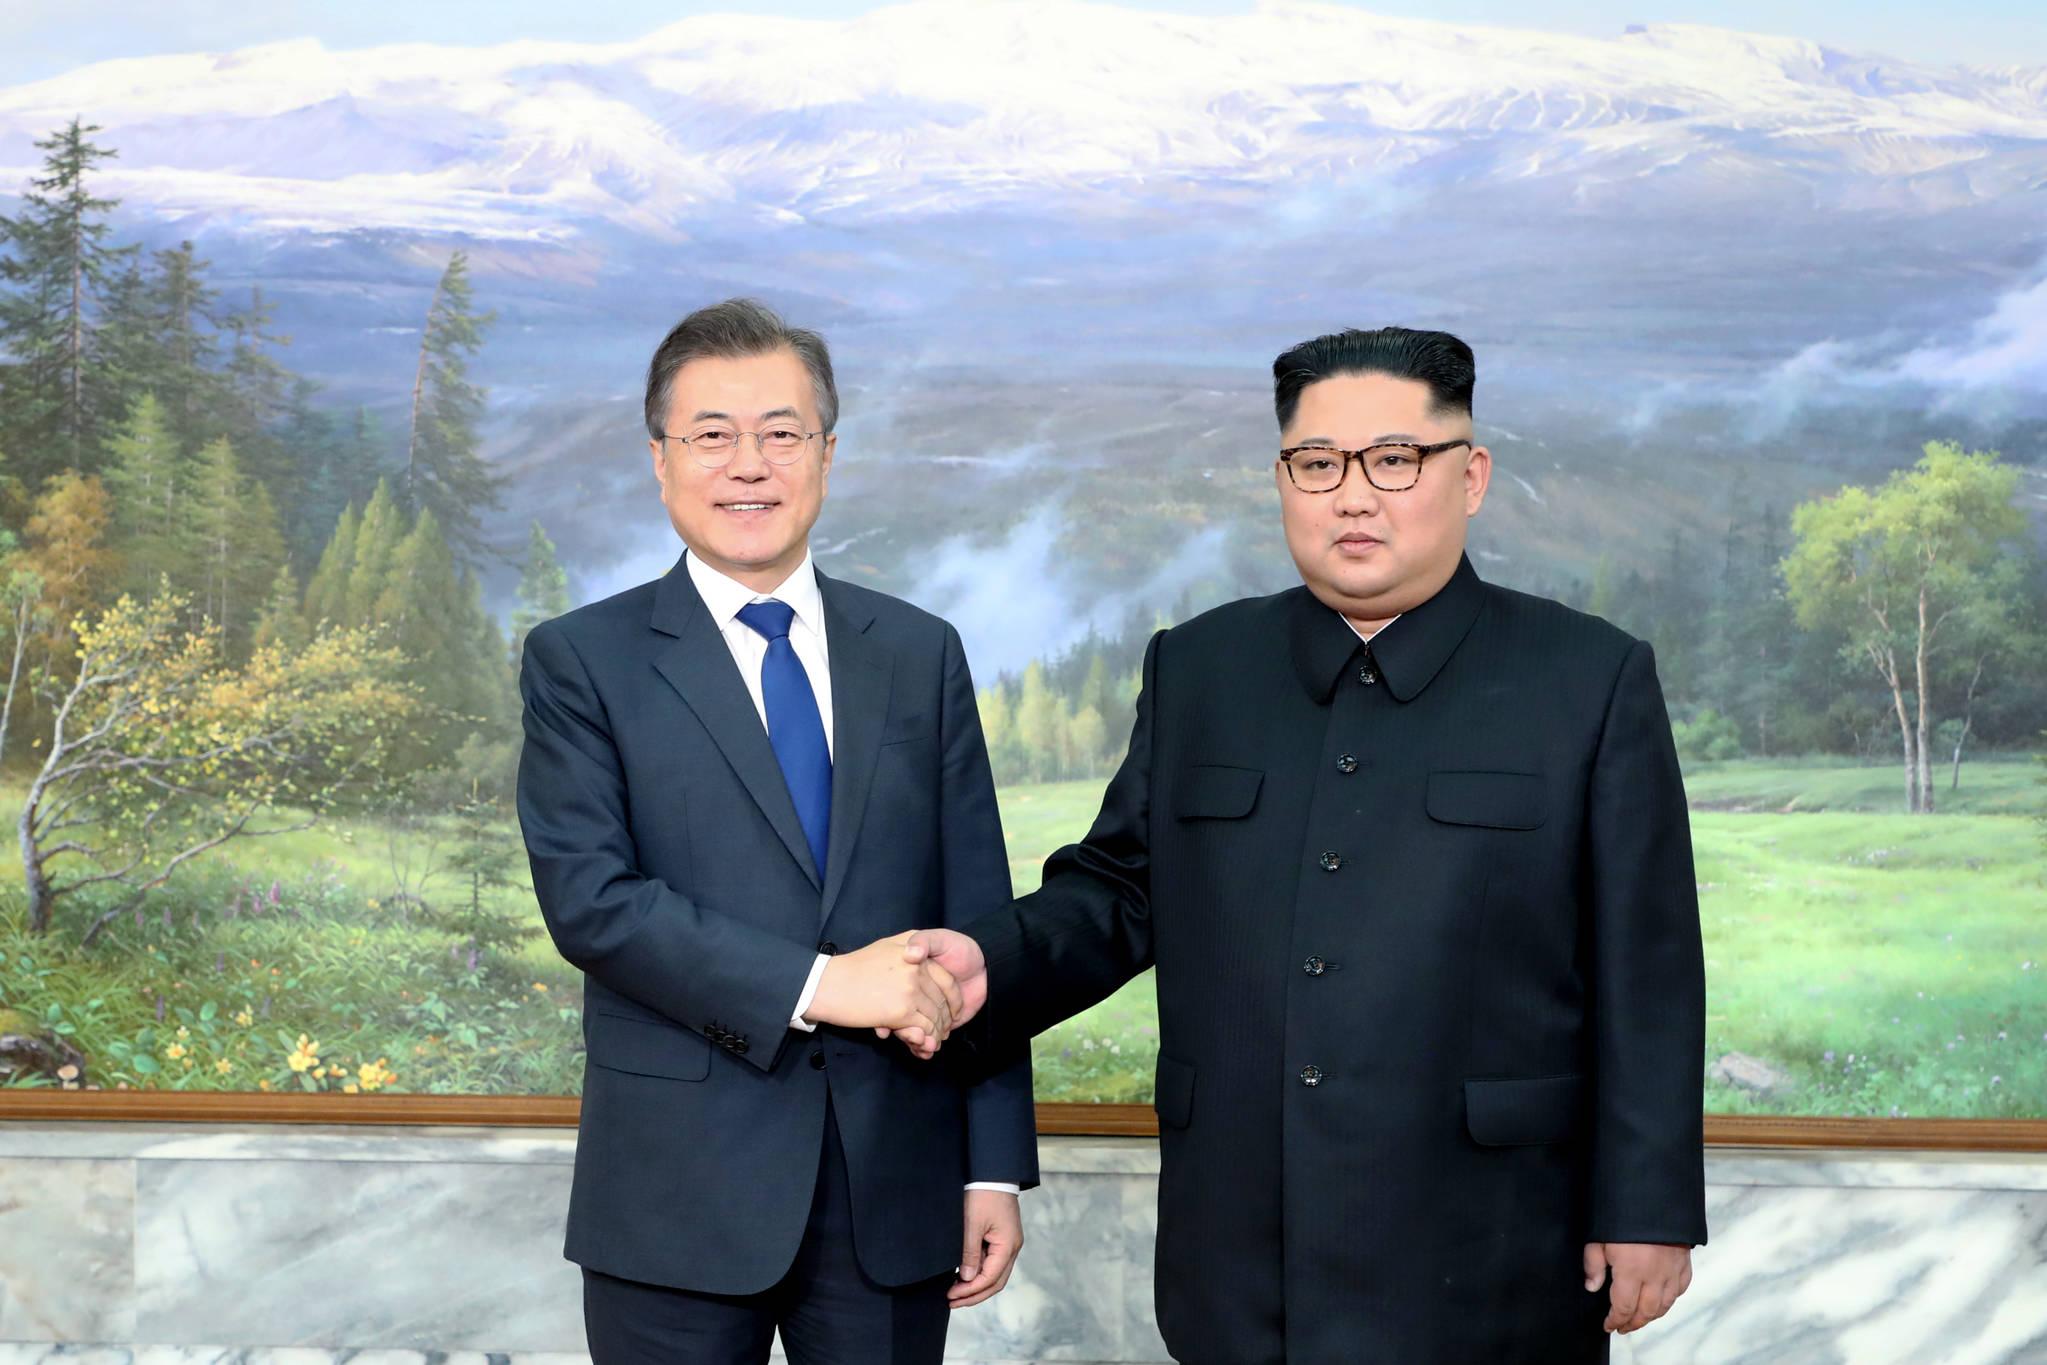 문재인 대통령(왼쪽)과 김정은 국무위원장. [사진 청와대]